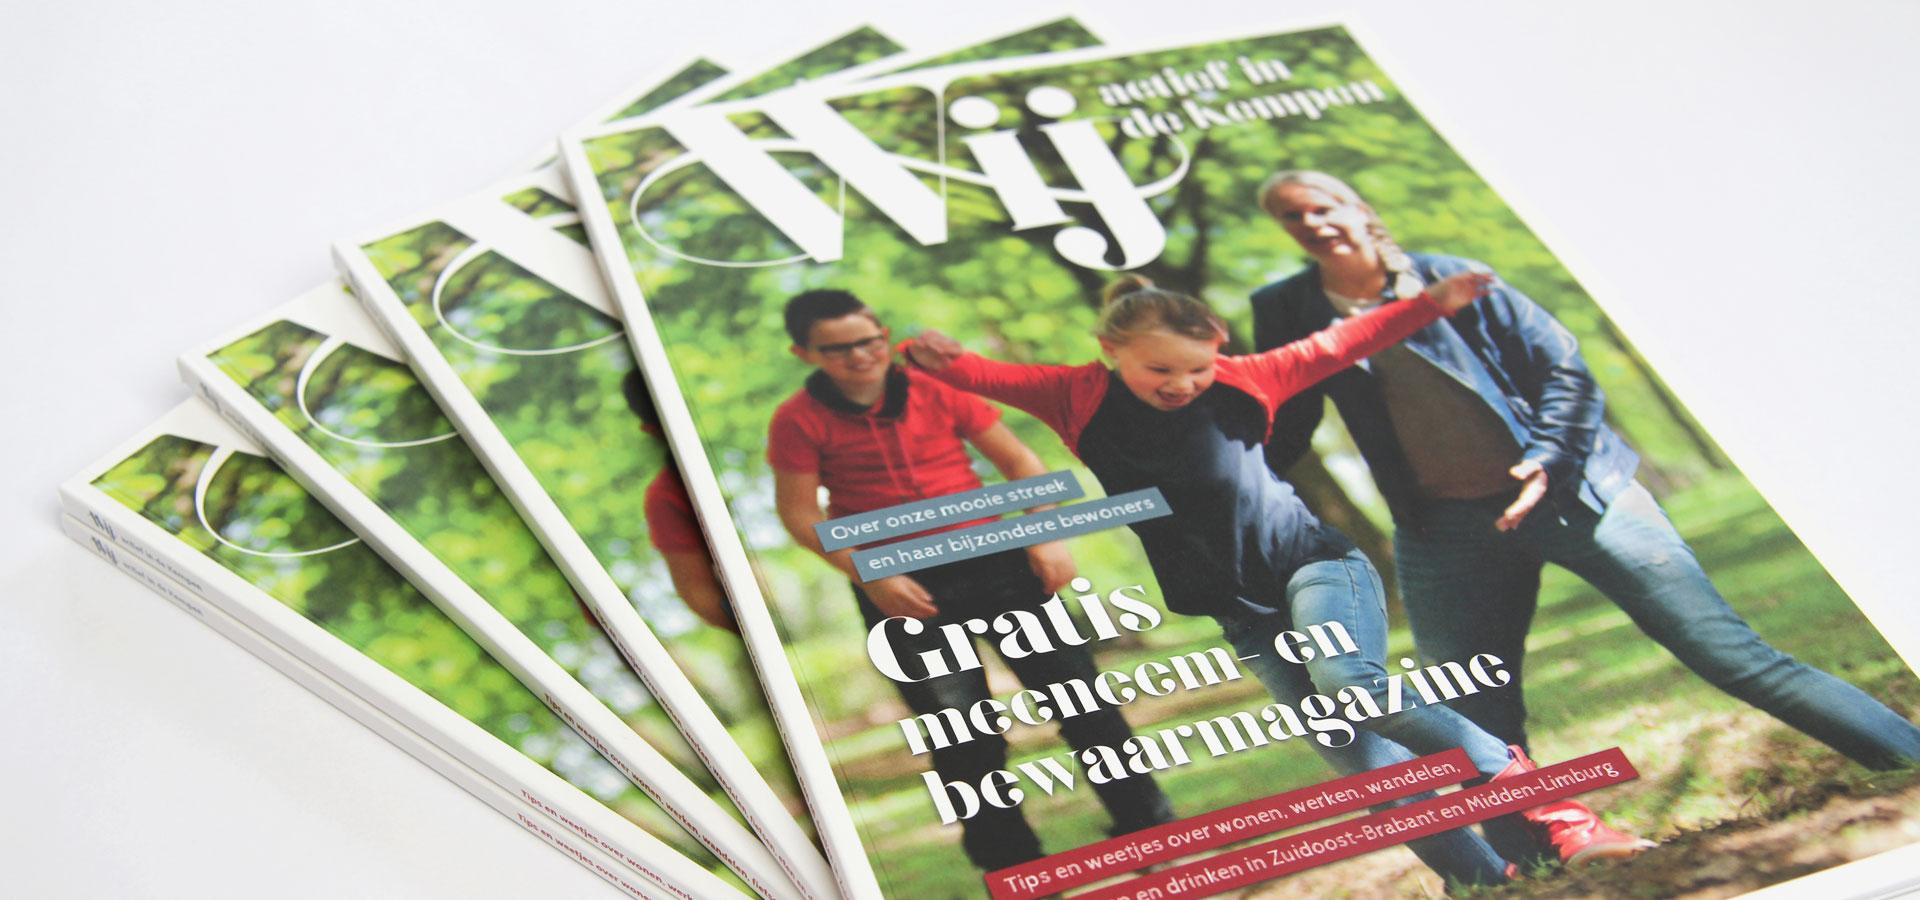 HOOGHTIJ_Wij-actief-in-de-Kempen_magazine